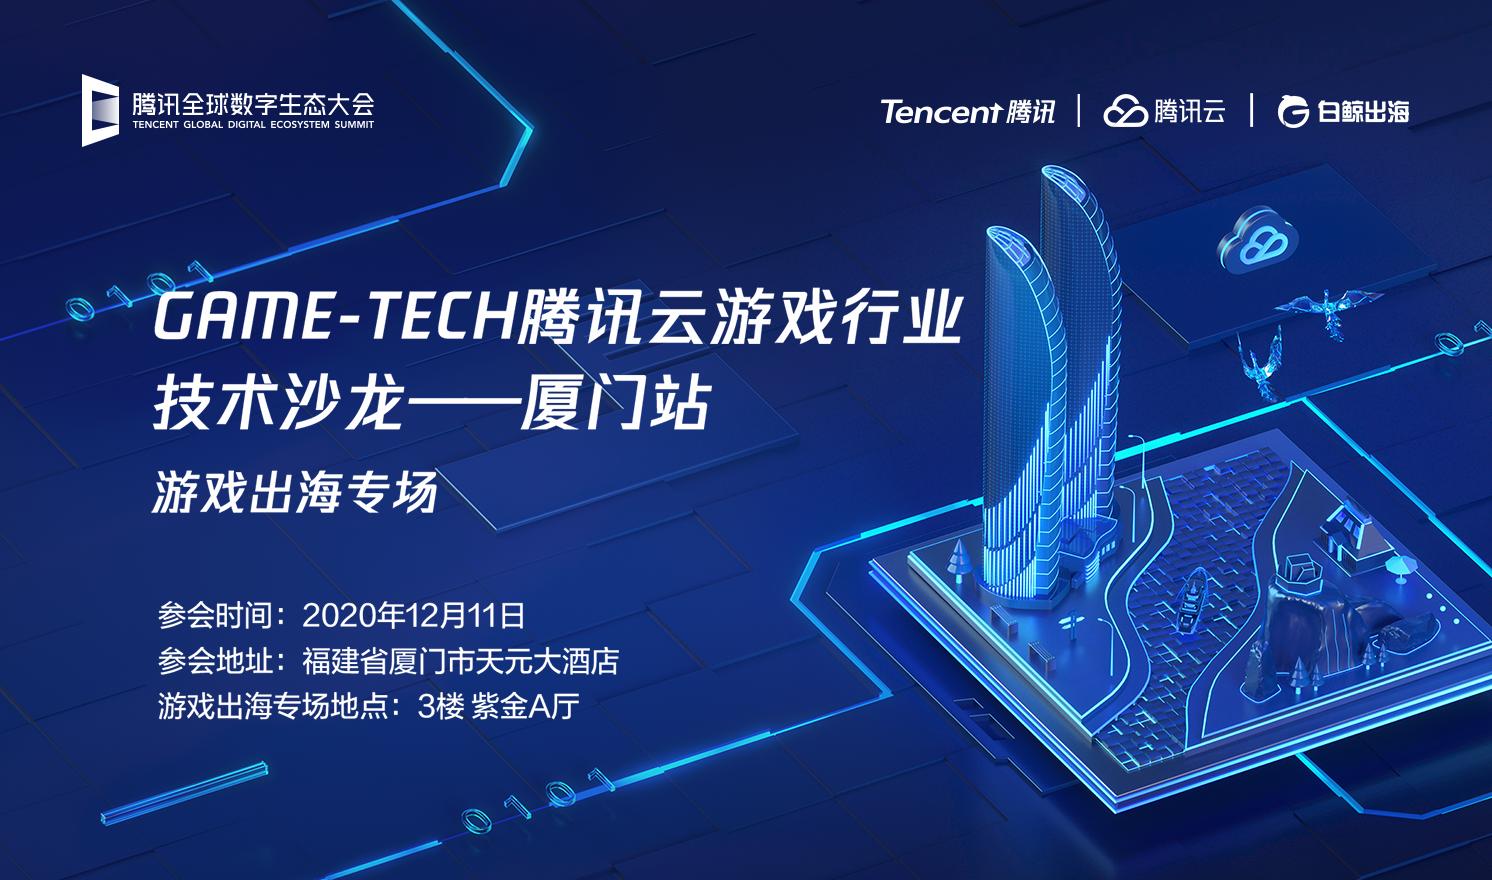 GAME-TECH游戏行业技术沙龙——厦门站(2020-12-11)